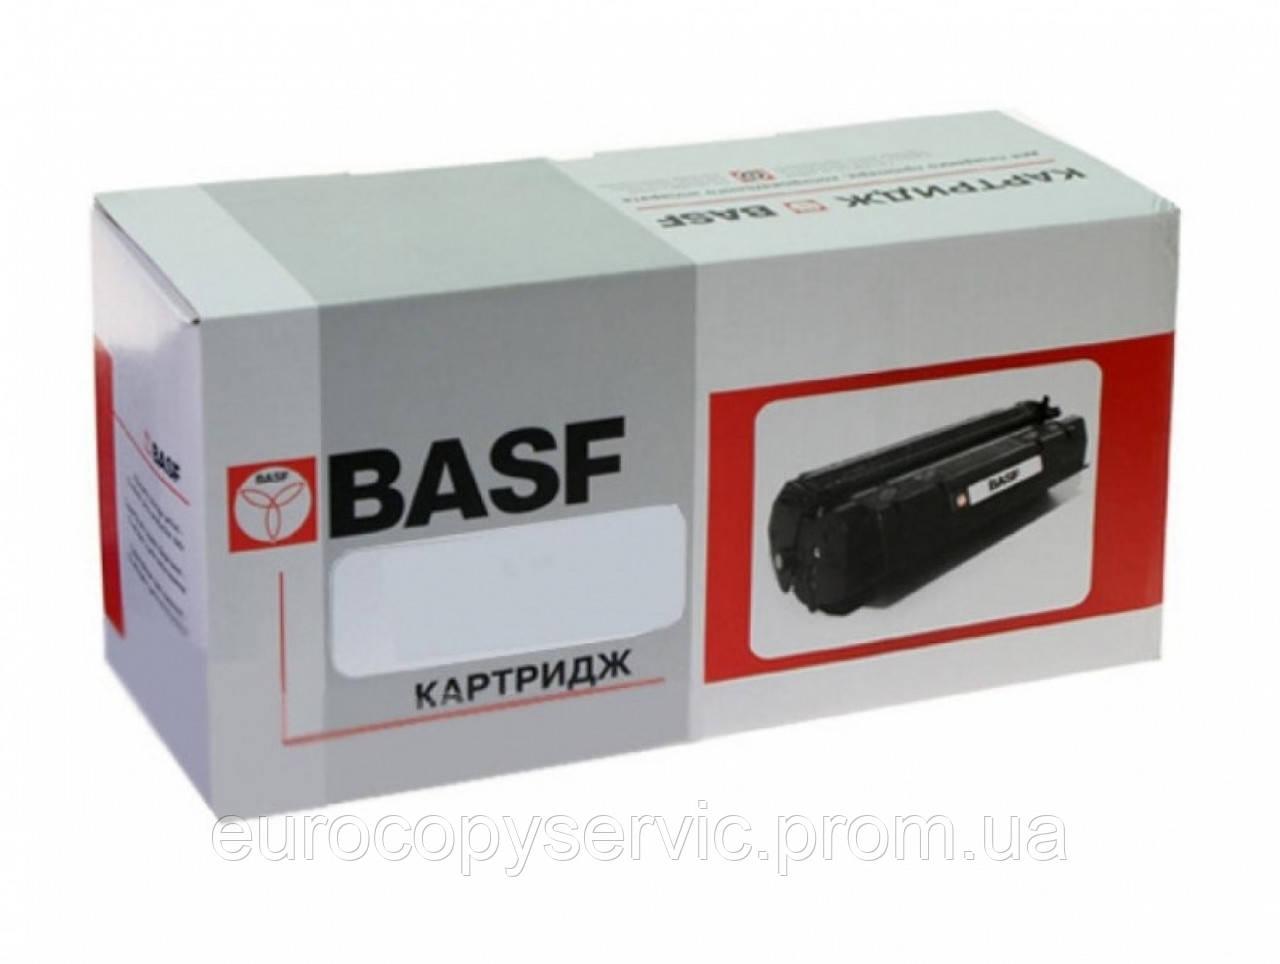 Тонер-картридж BASF для Xerox Phaser 4510 Аналог 113R00711 Black (BASF-KT-113R00711)  — в Категории